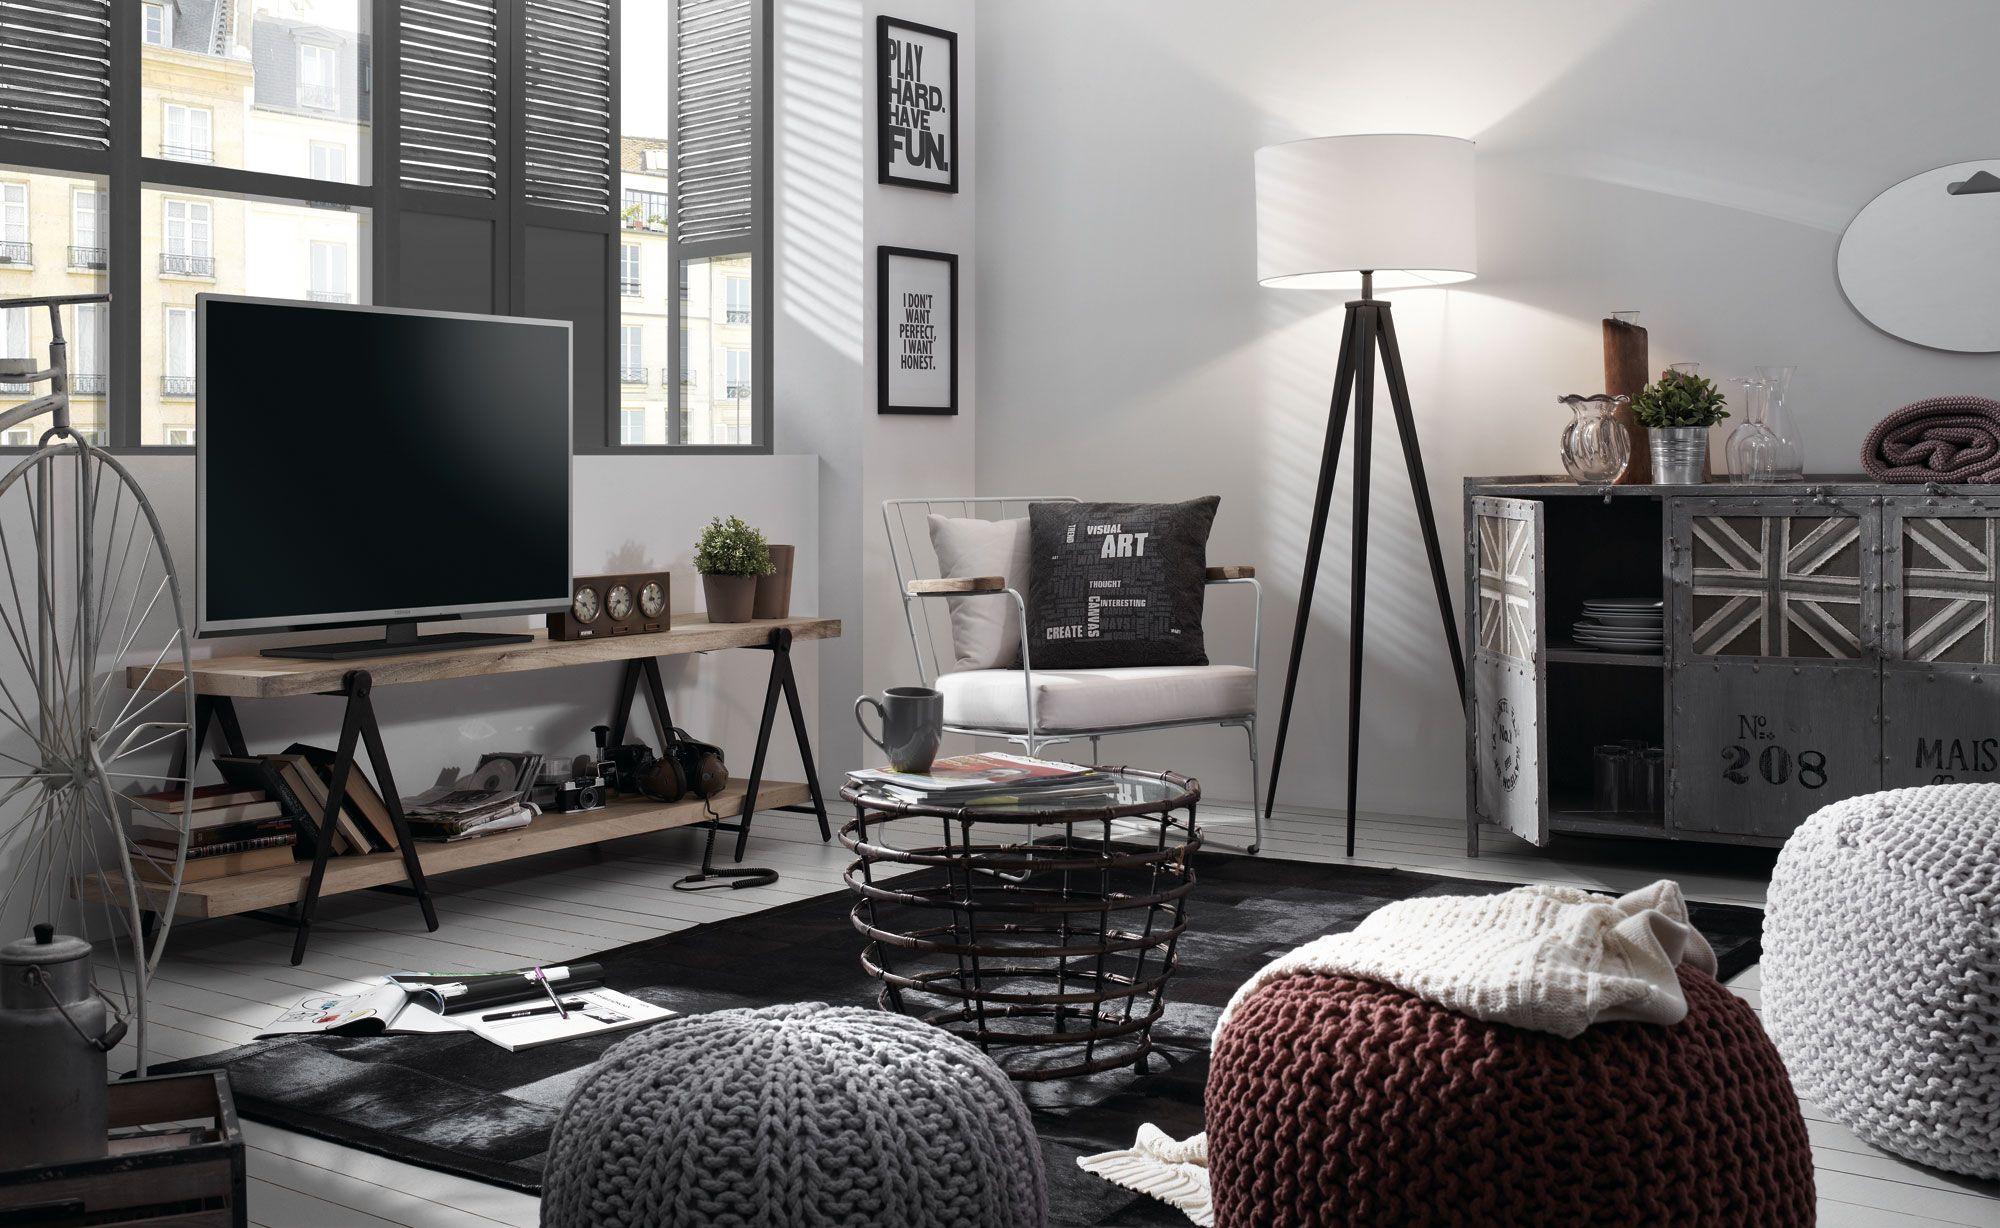 dormitorio vintage industrial - Buscar con Google  Living room